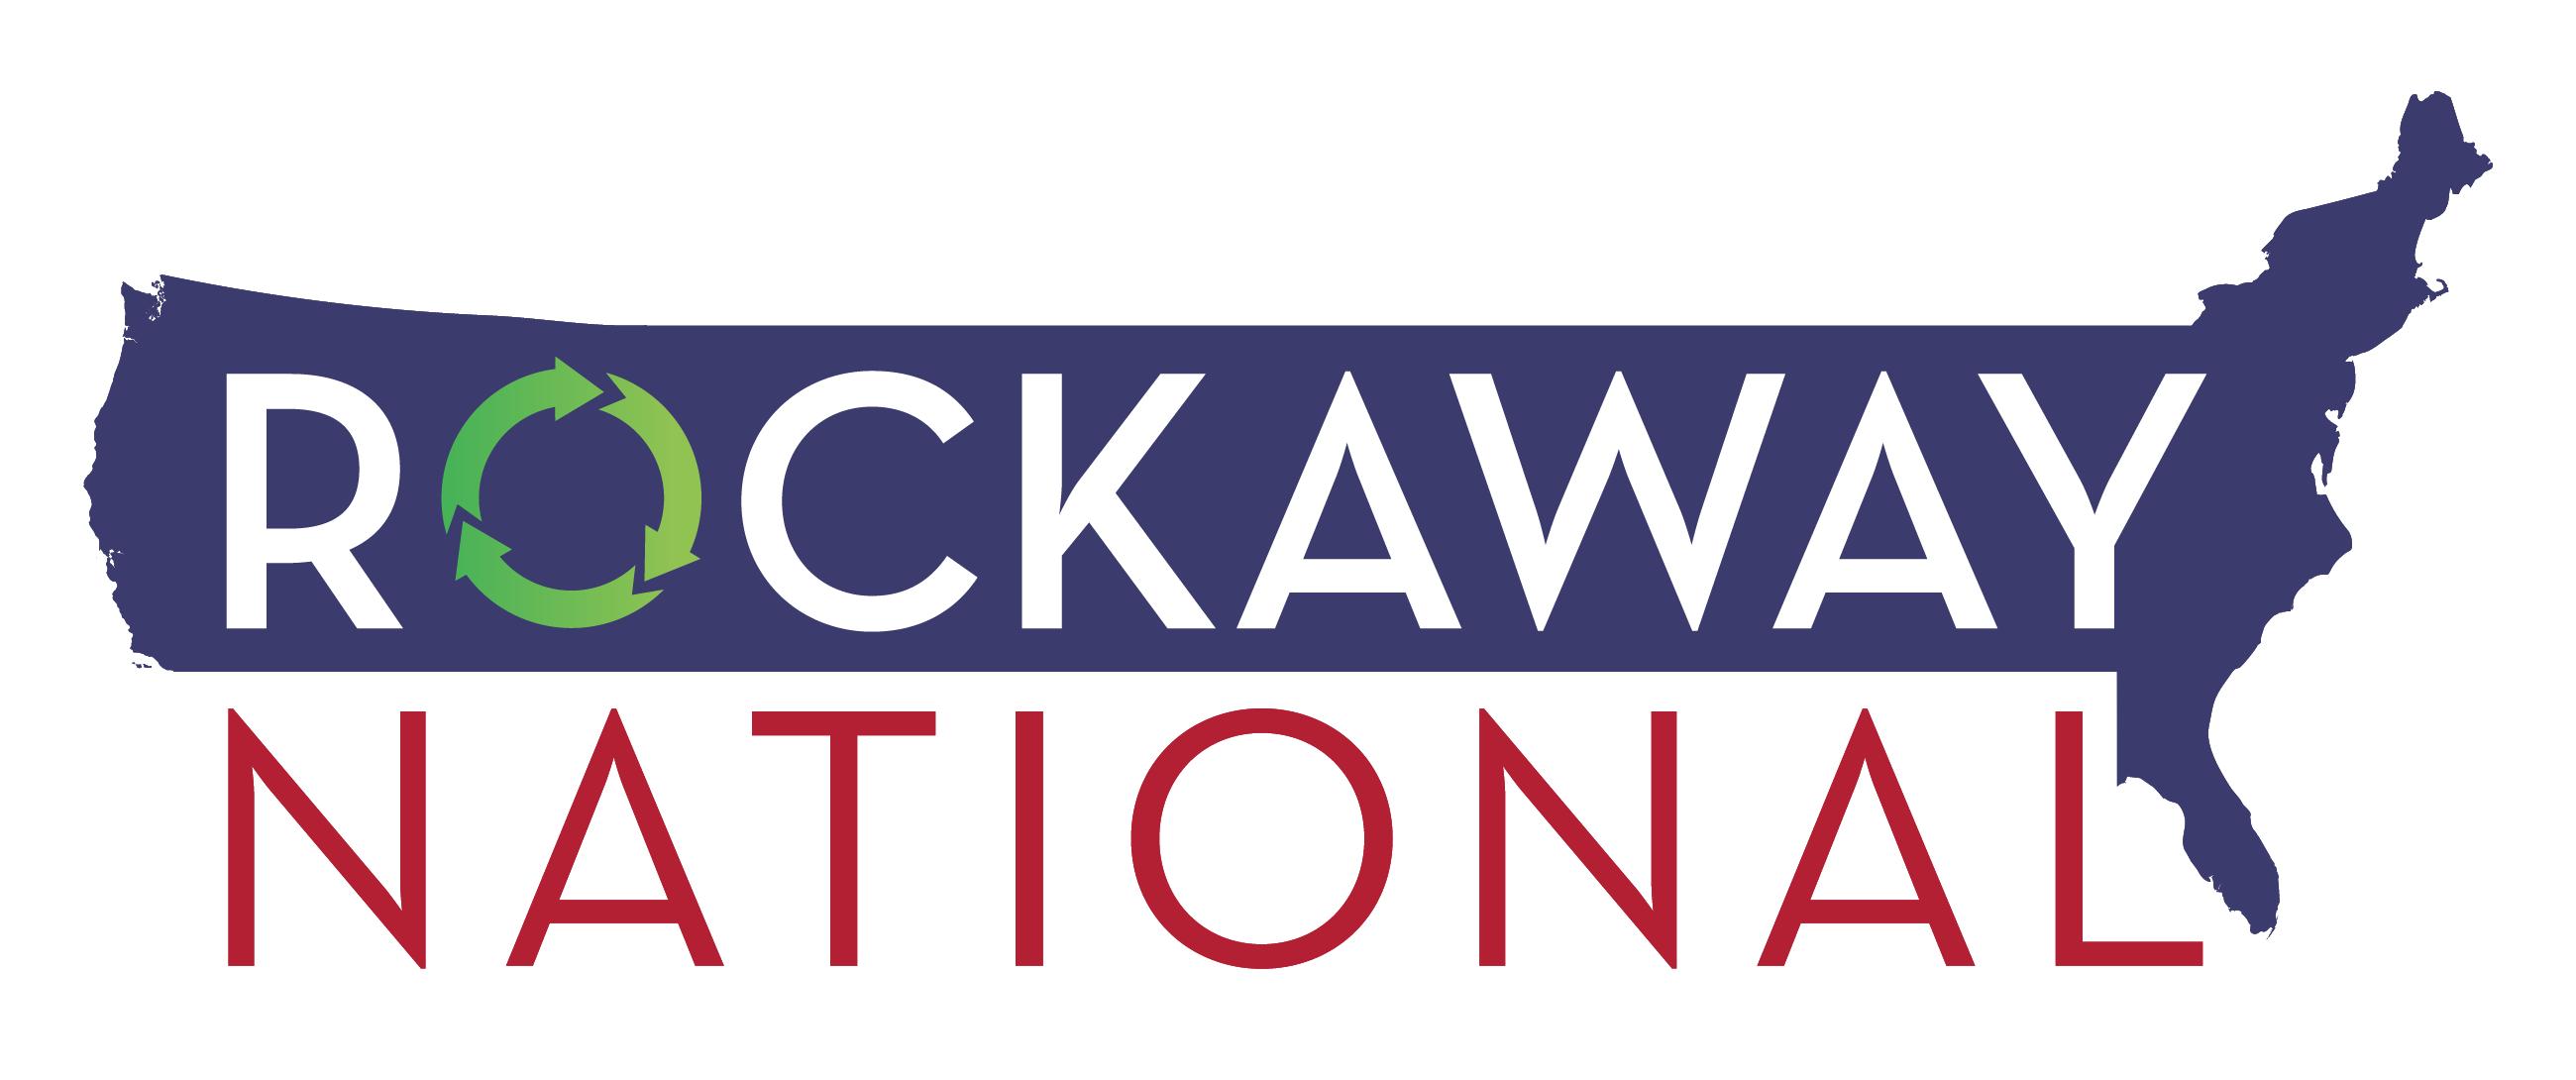 Rockaway National